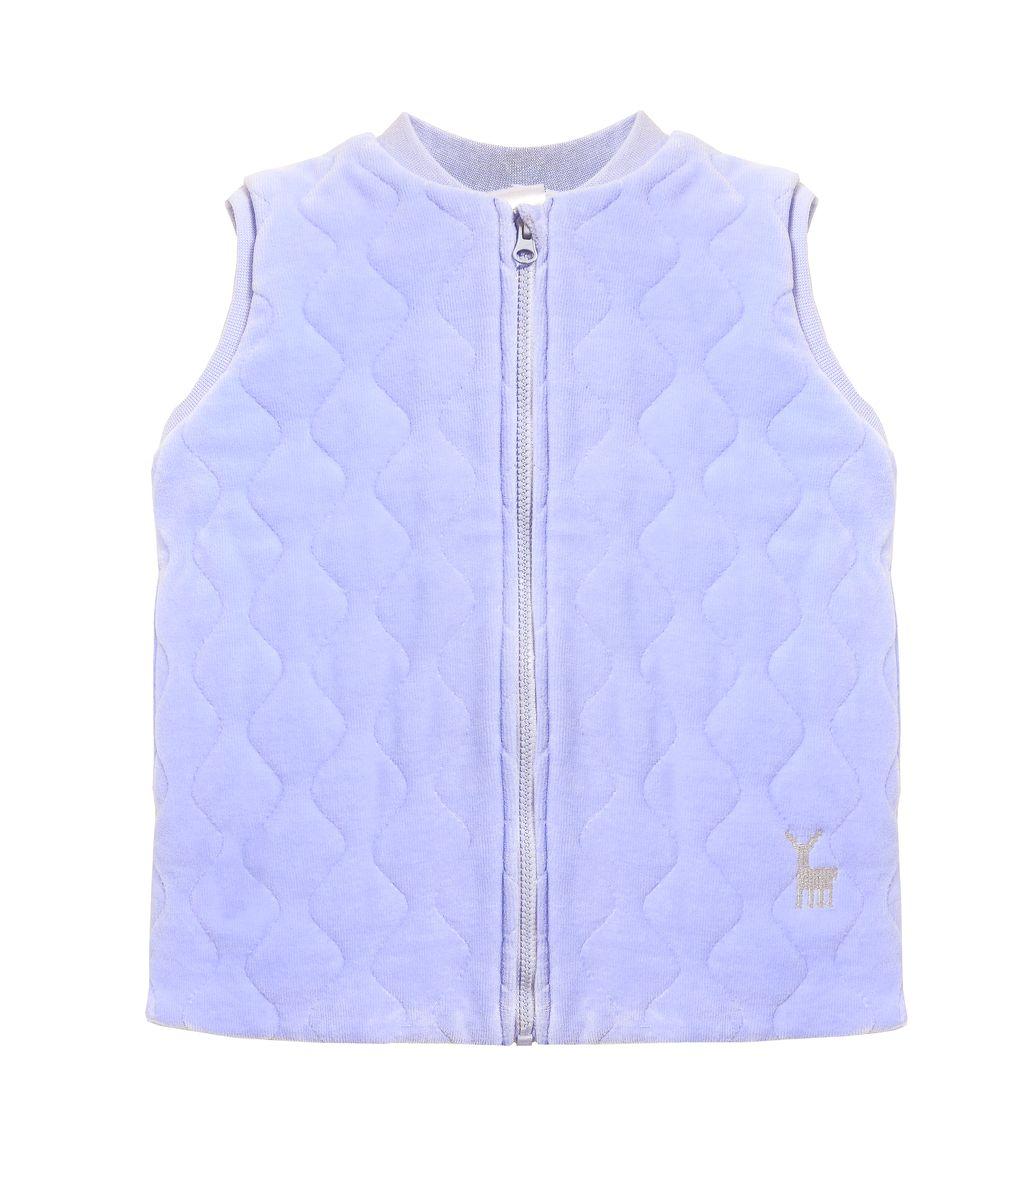 Жилет Мамуляндия свитер для мальчика мамуляндия северное сияние цвет молочный 18 1107 размер 92